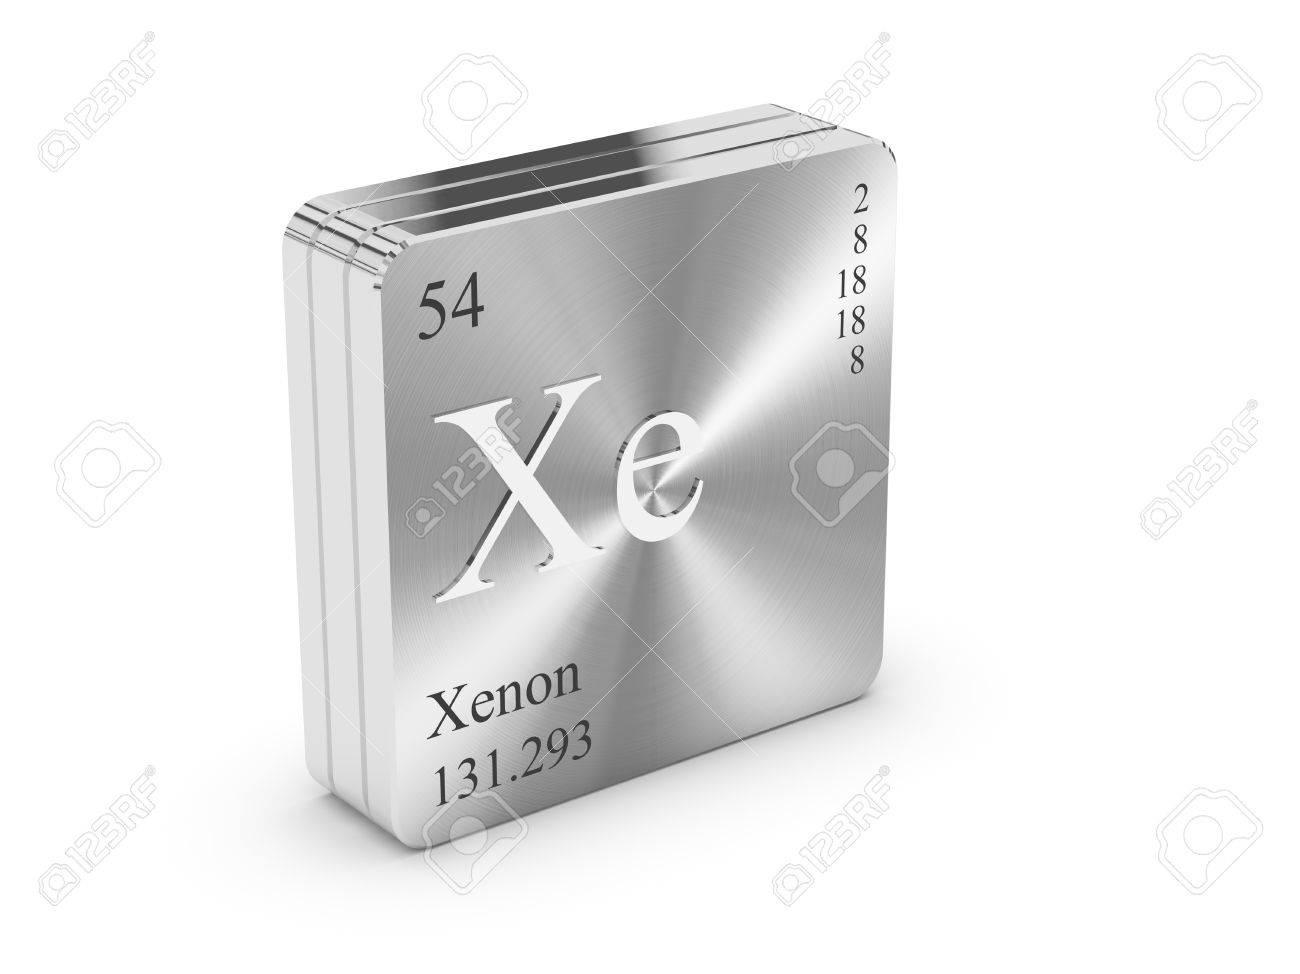 Xenn elemento de la tabla peridica en el bloque de metal de foto de archivo xenn elemento de la tabla peridica en el bloque de metal de acero urtaz Image collections